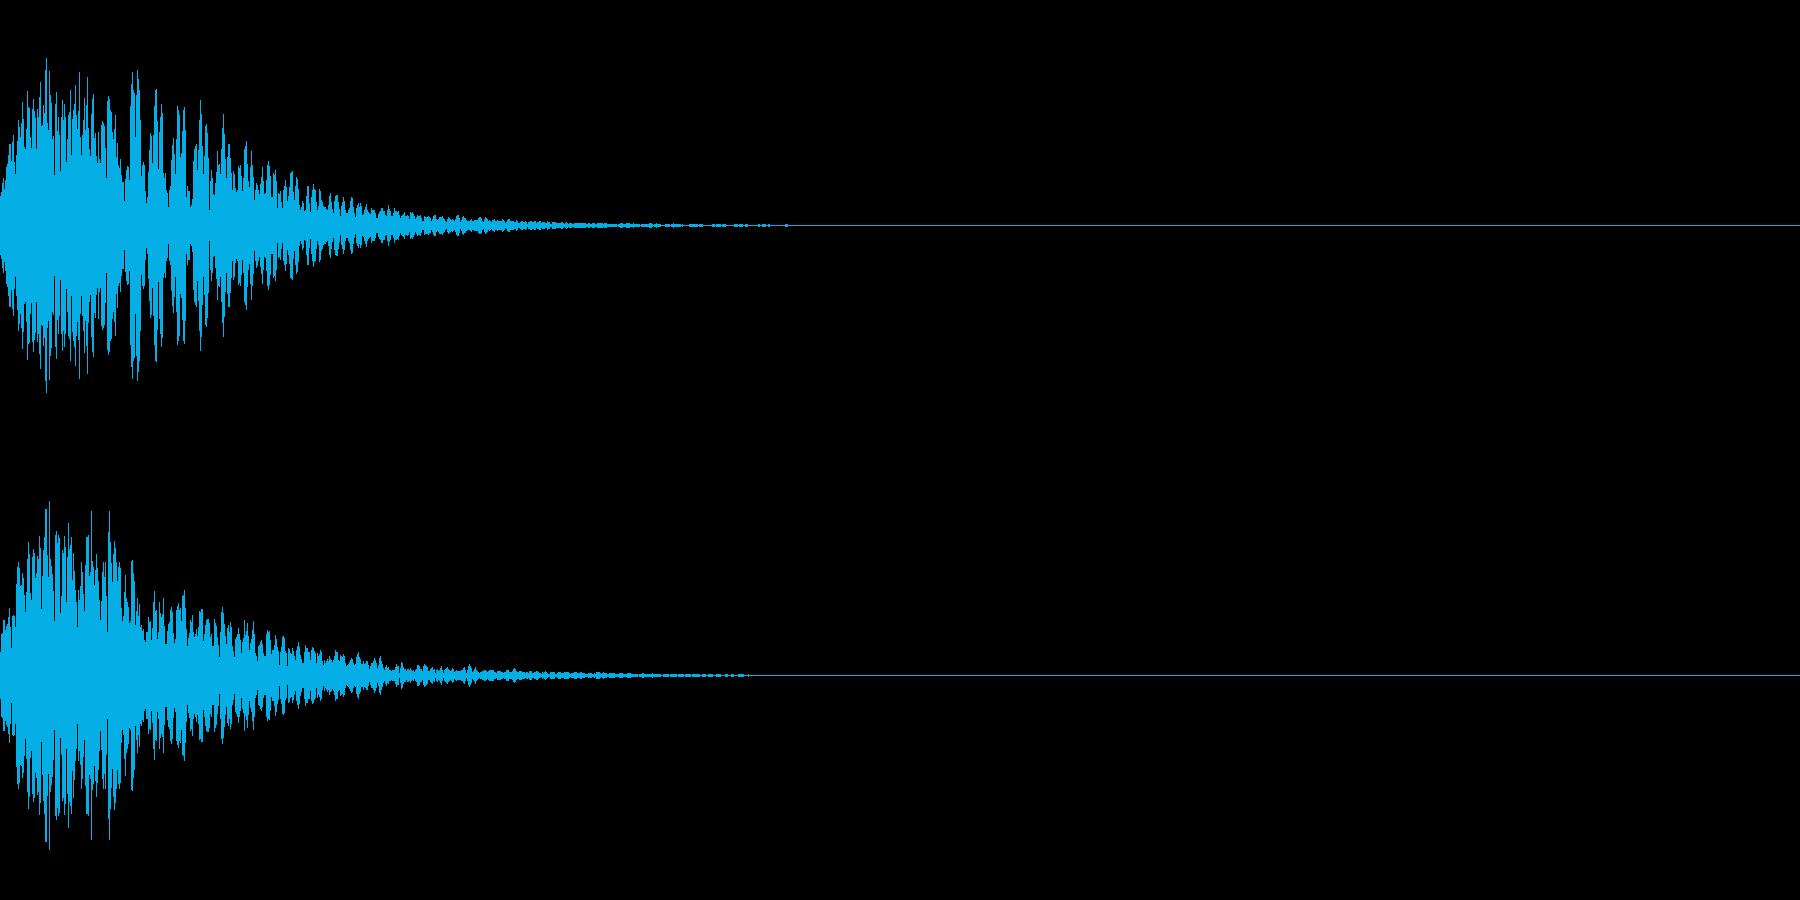 キュイン 光 ピカーン フラッシュ 06の再生済みの波形